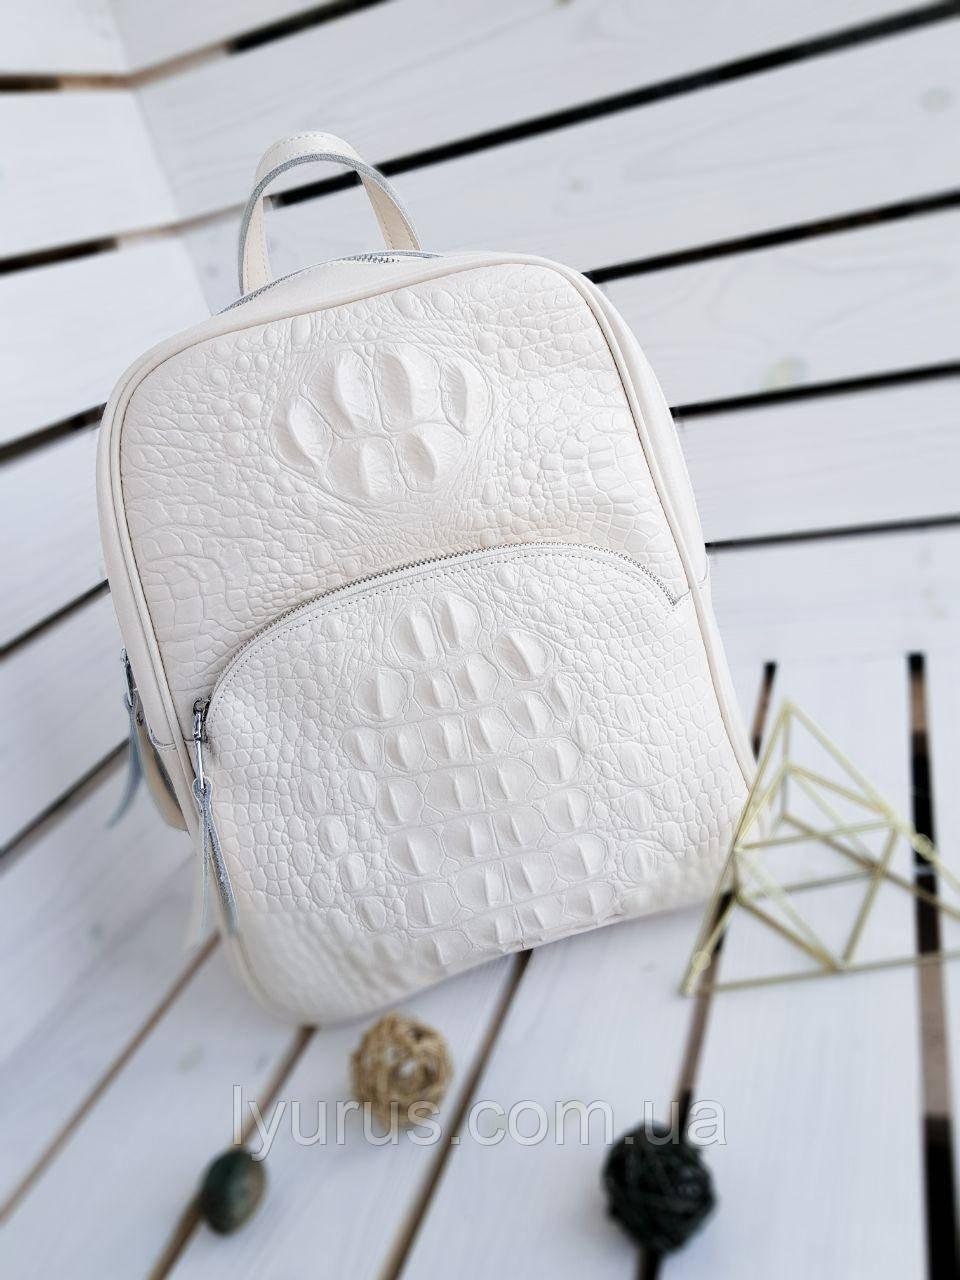 Кожаный женский рюкзак размером 35х29х12 см Бежевый (01120)